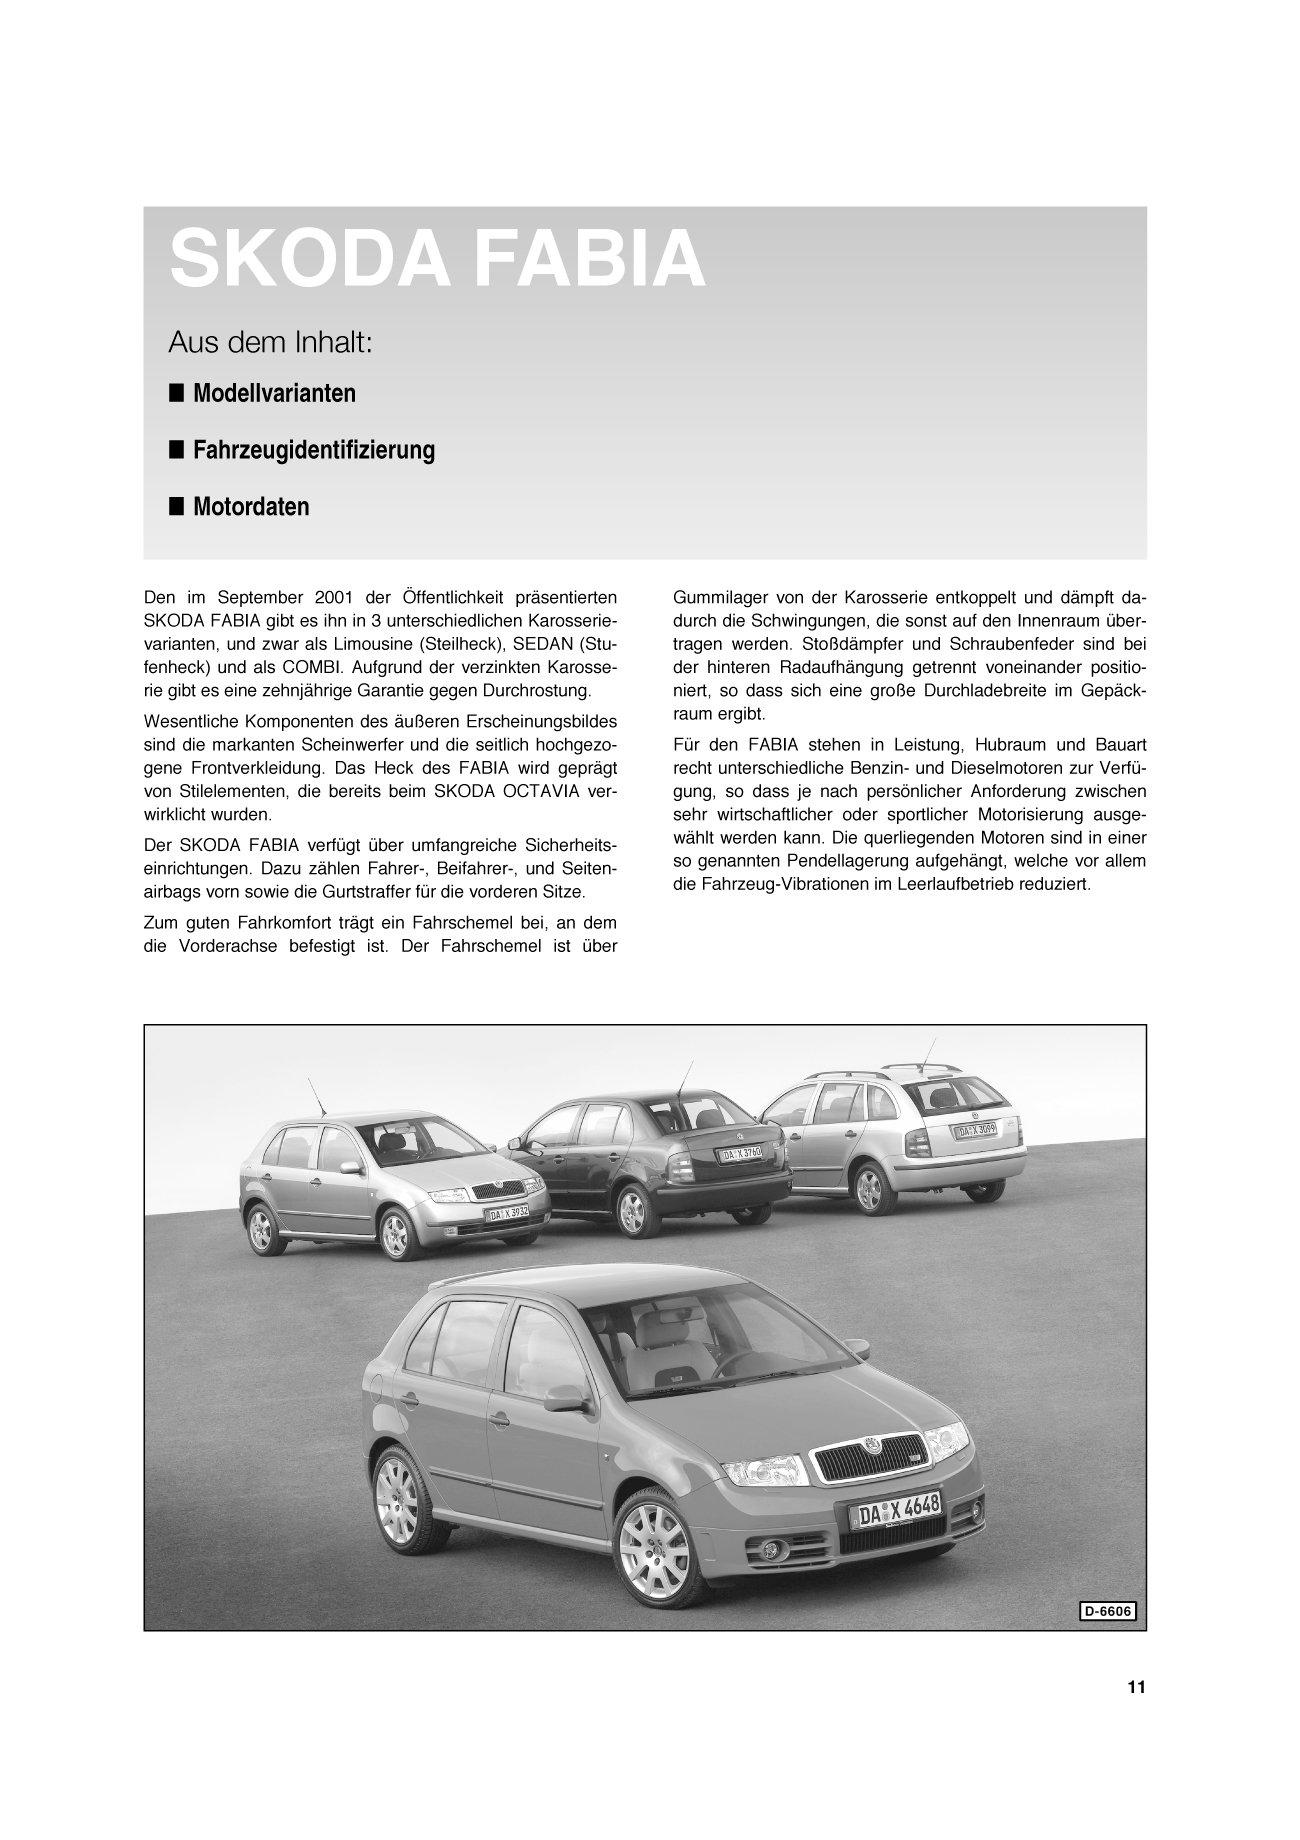 Skoda Fabia ab 1/00: Pflegen - warten - reparieren: Amazon.es: Hans-Rüdiger Etzold: Libros en idiomas extranjeros